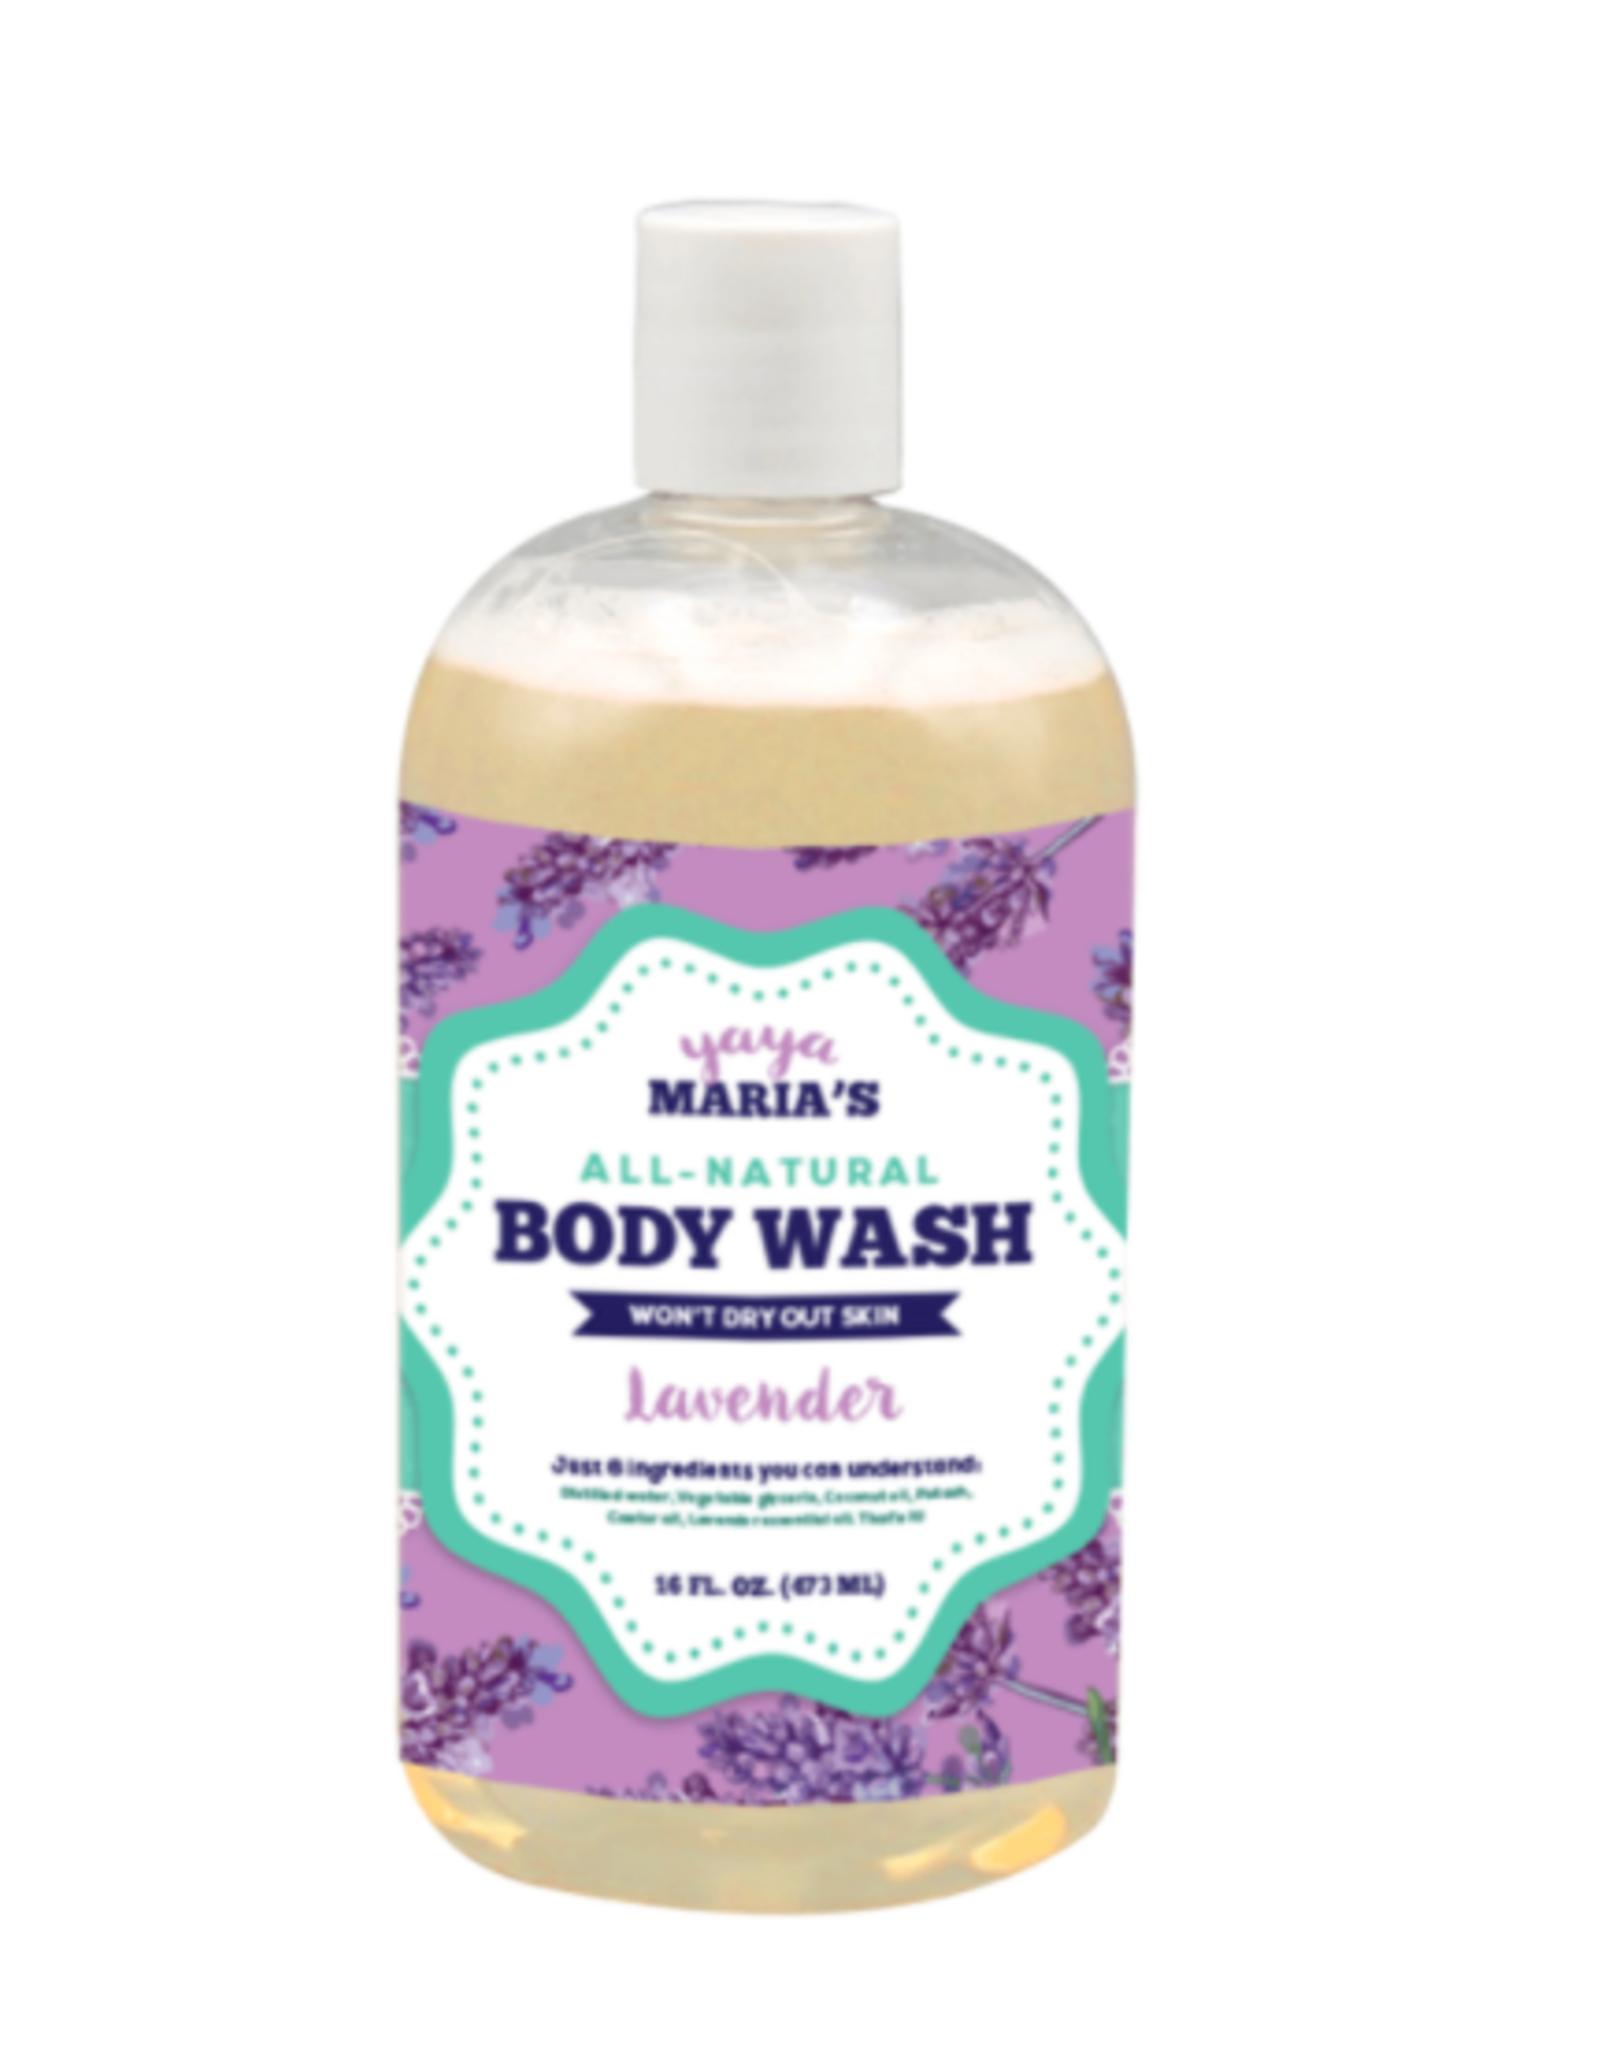 yaya maria's Yaya Maria's Natural Body Wash 16 FL OZ